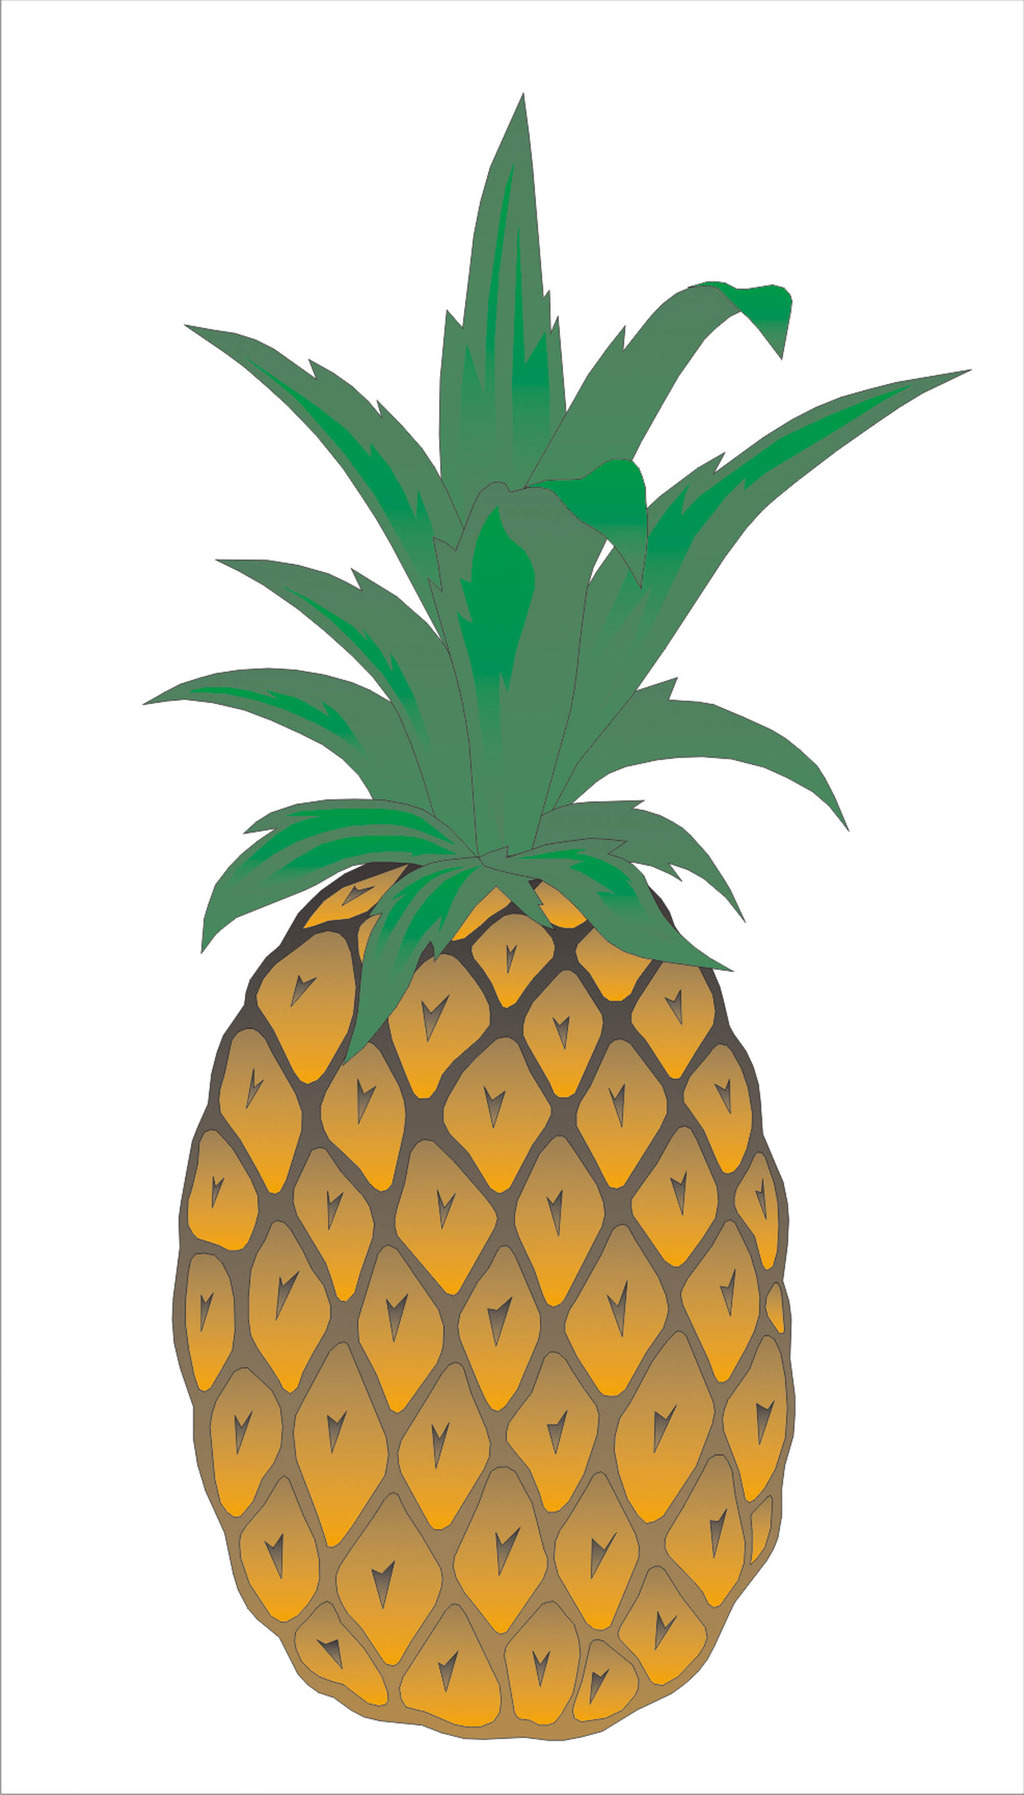 卡通菠萝矢量图